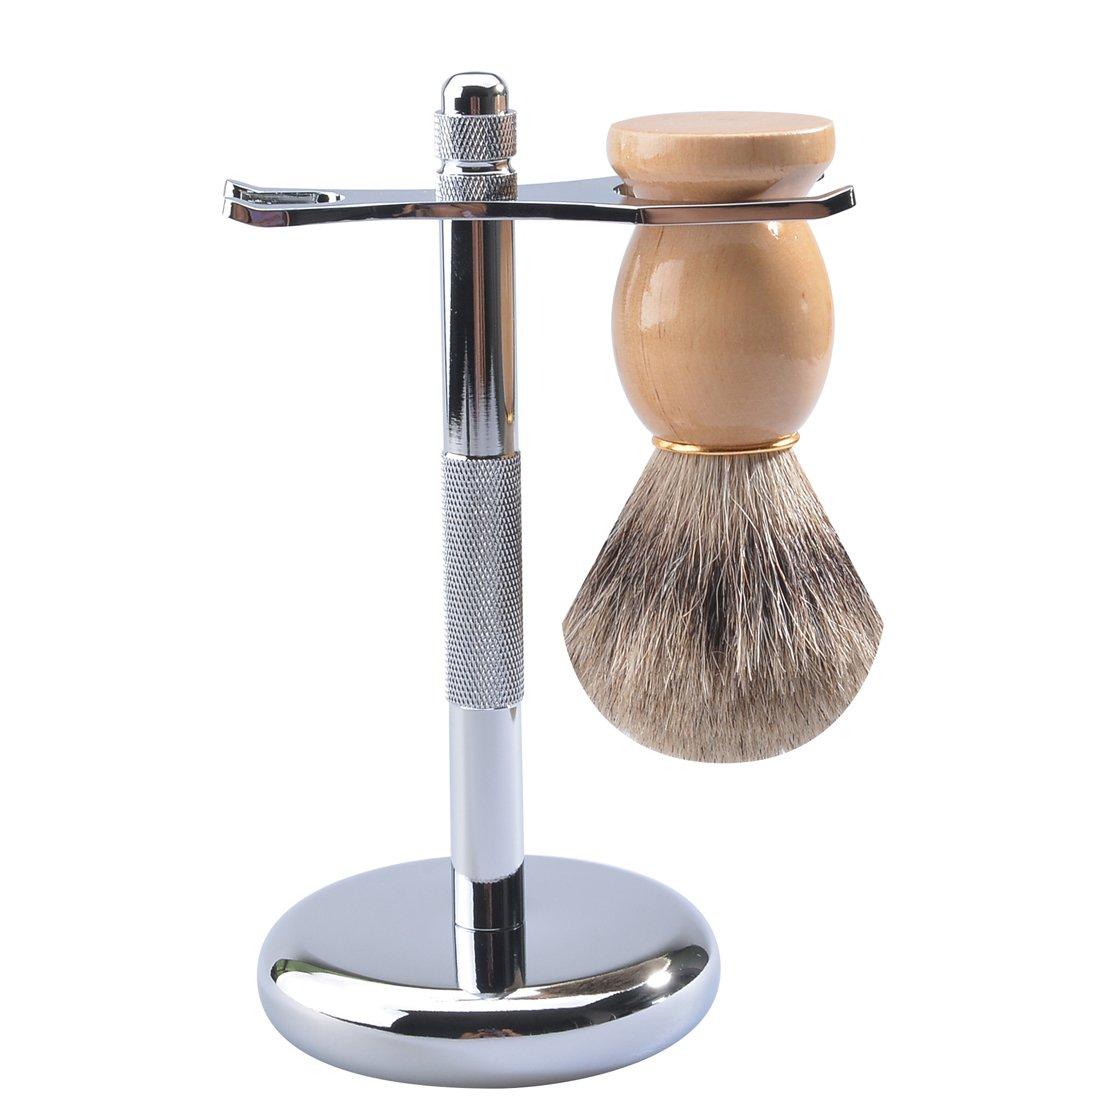 CSB Badger Hair Shaving Brush and Chrome Razor Stand Shaving Set